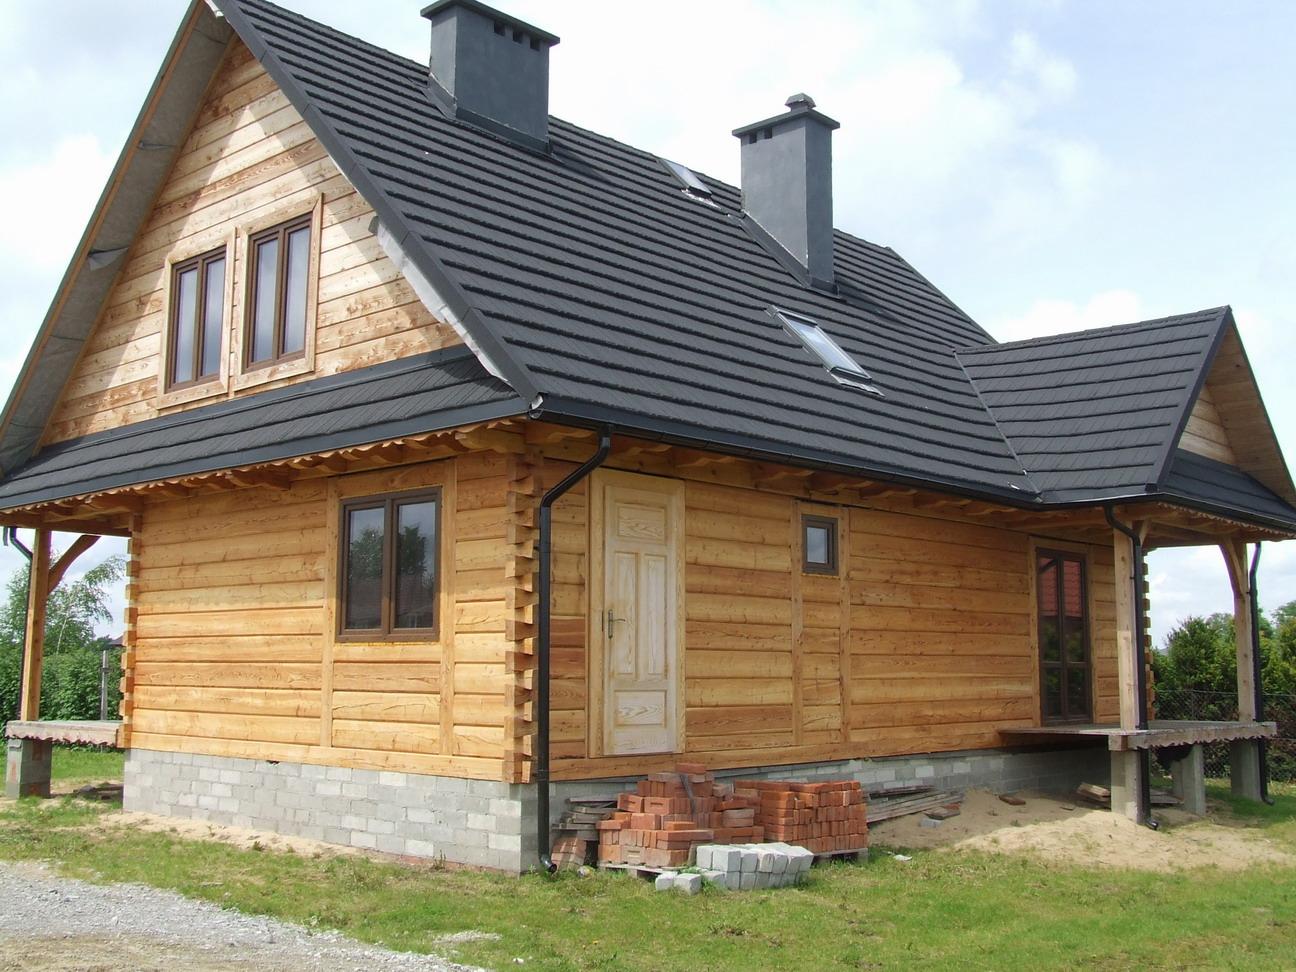 projekt-domu-ranczo-realizacja-fot-2-1374827250-izlqttqz.jpg